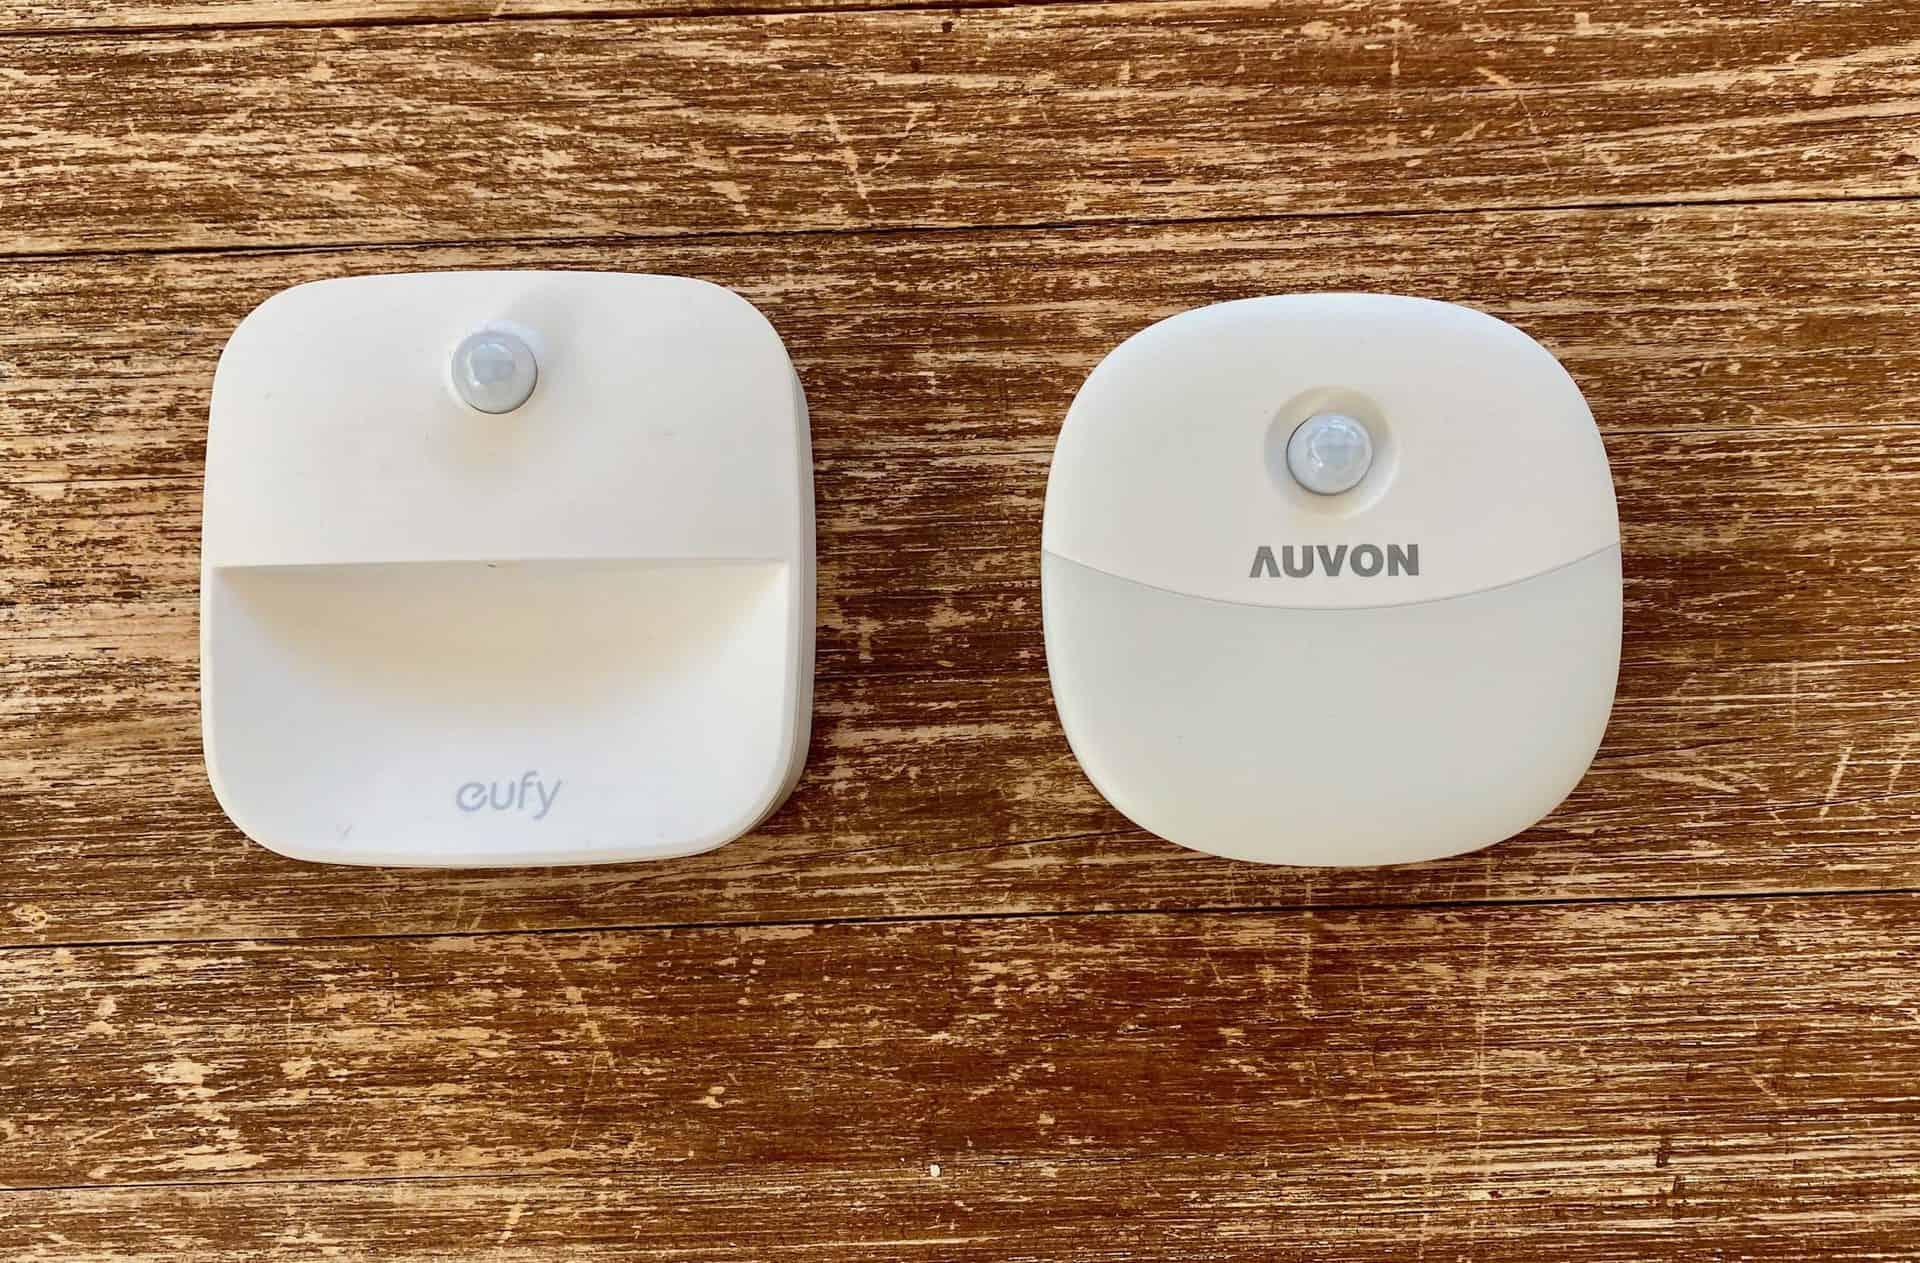 LED-Nachtlicht-eufy-auvon-Sicht-von-oben